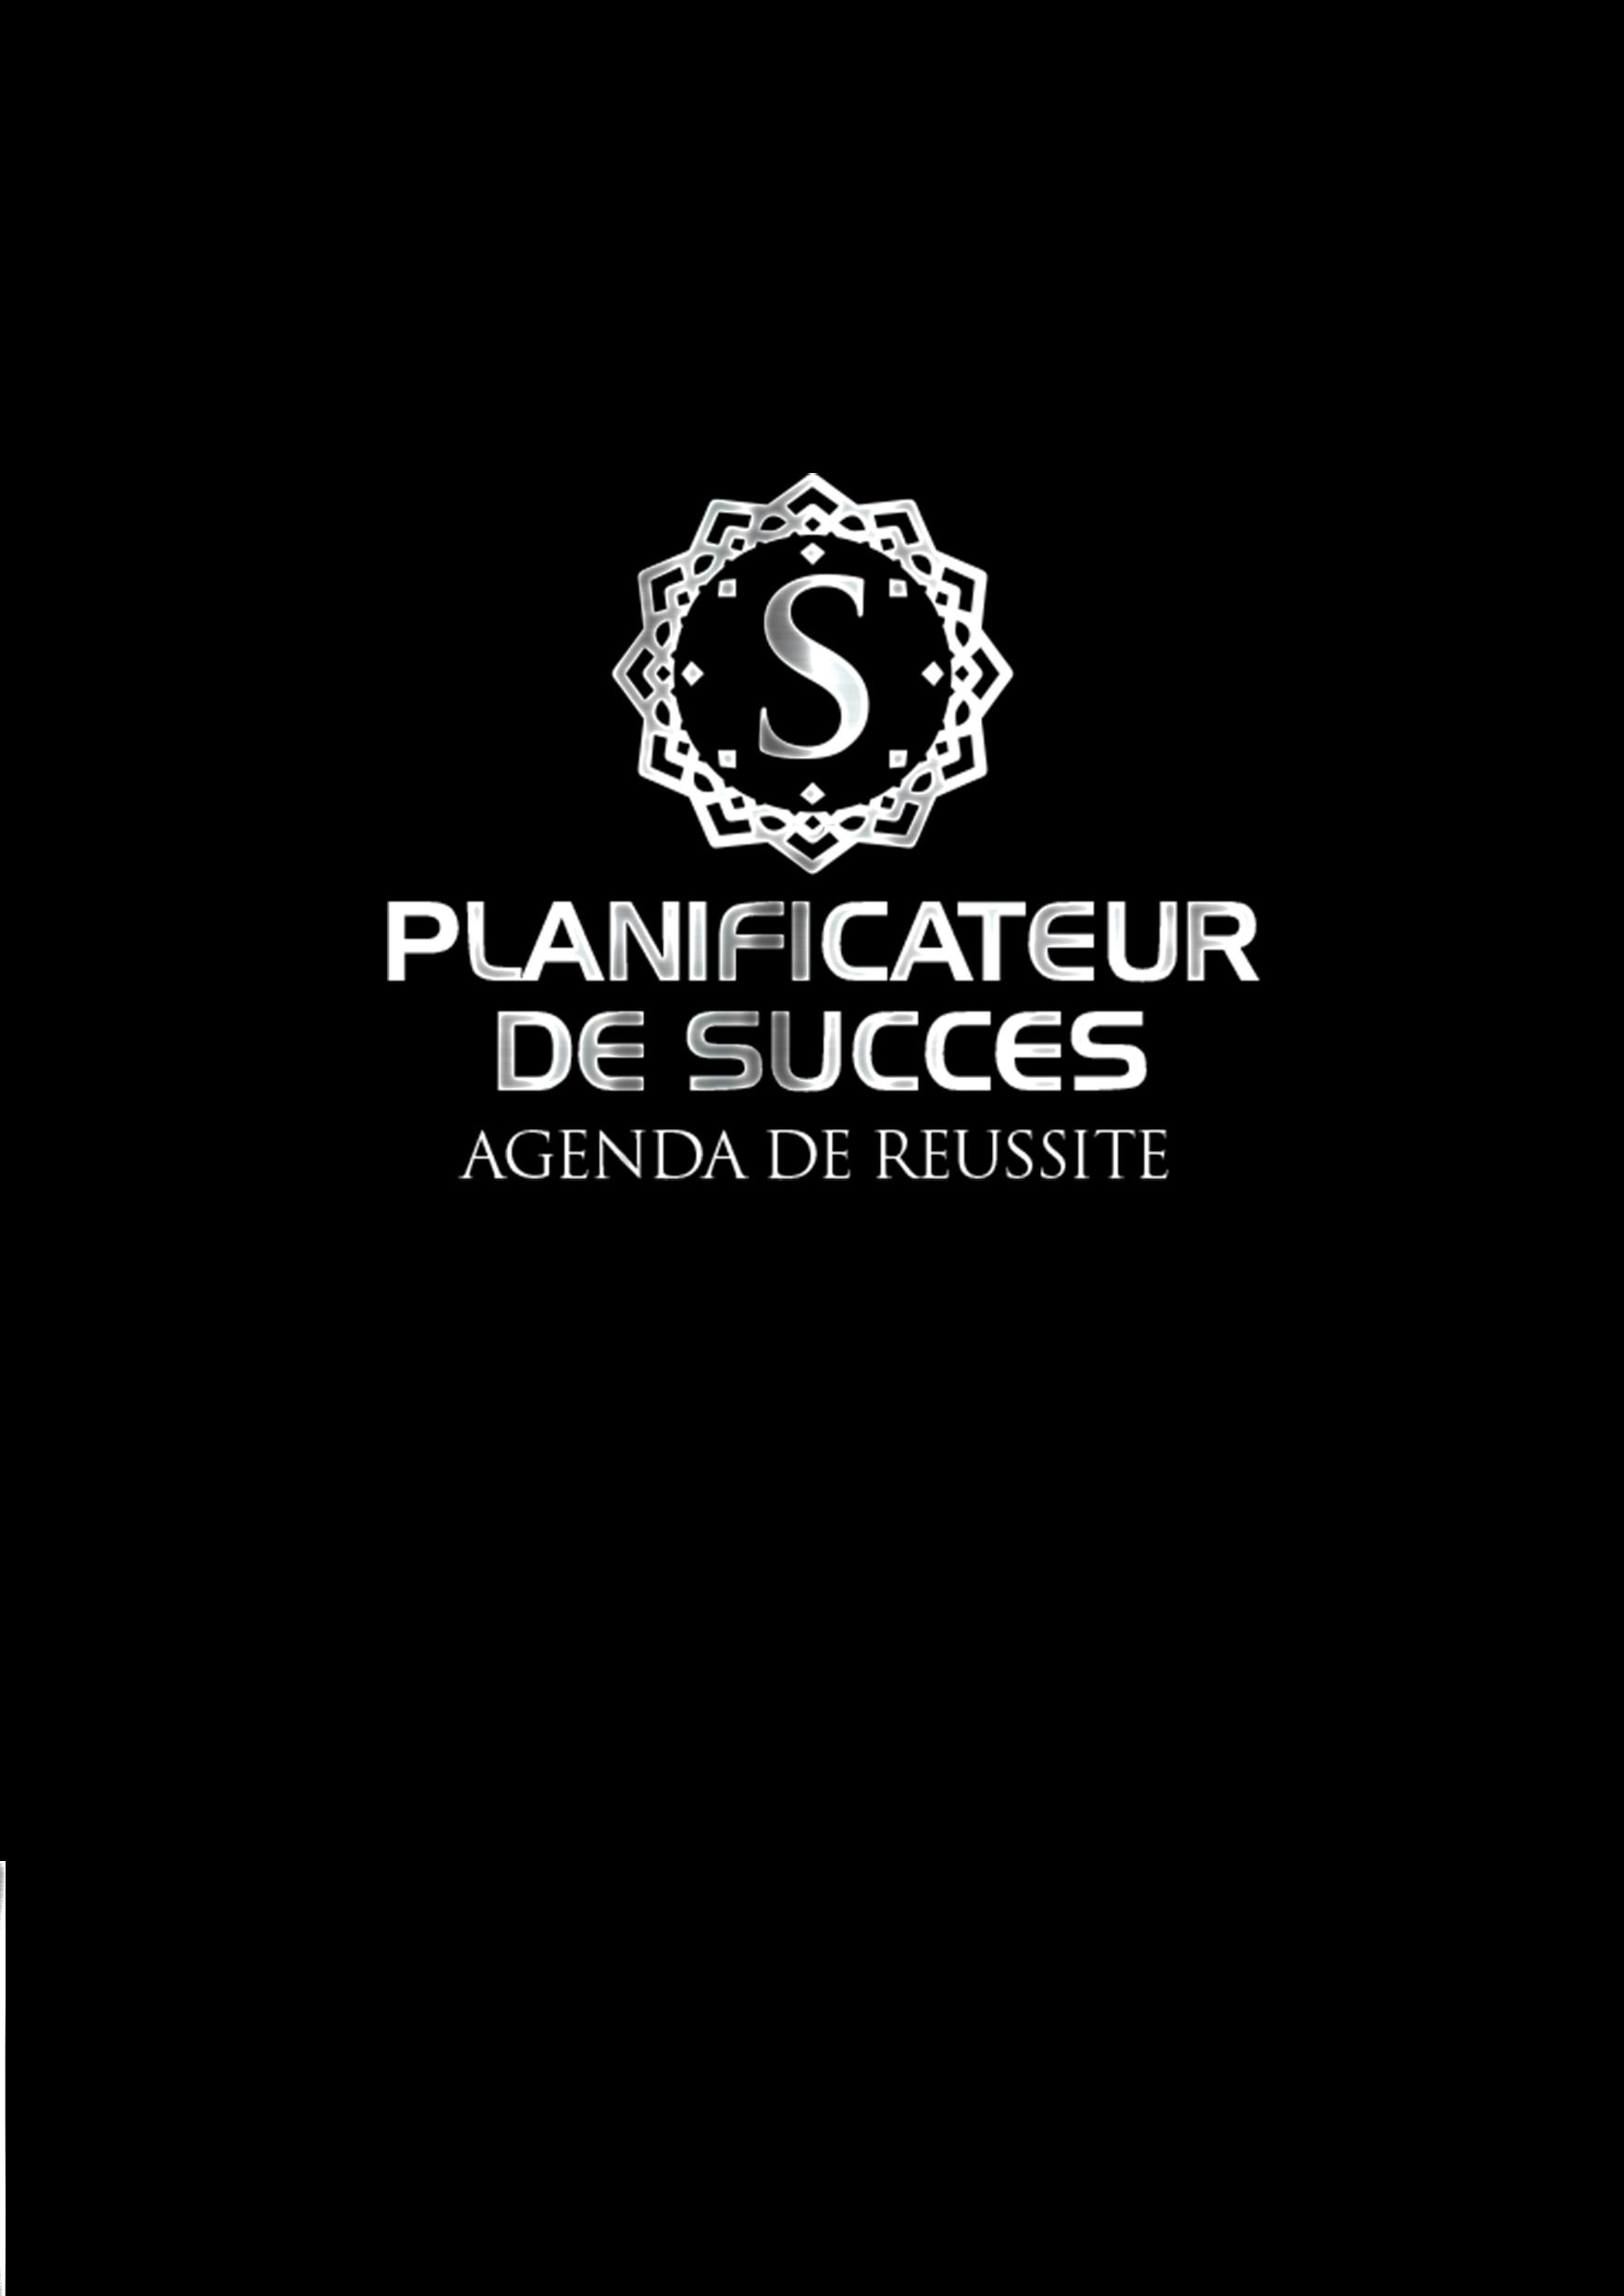 Planificateur de Succes